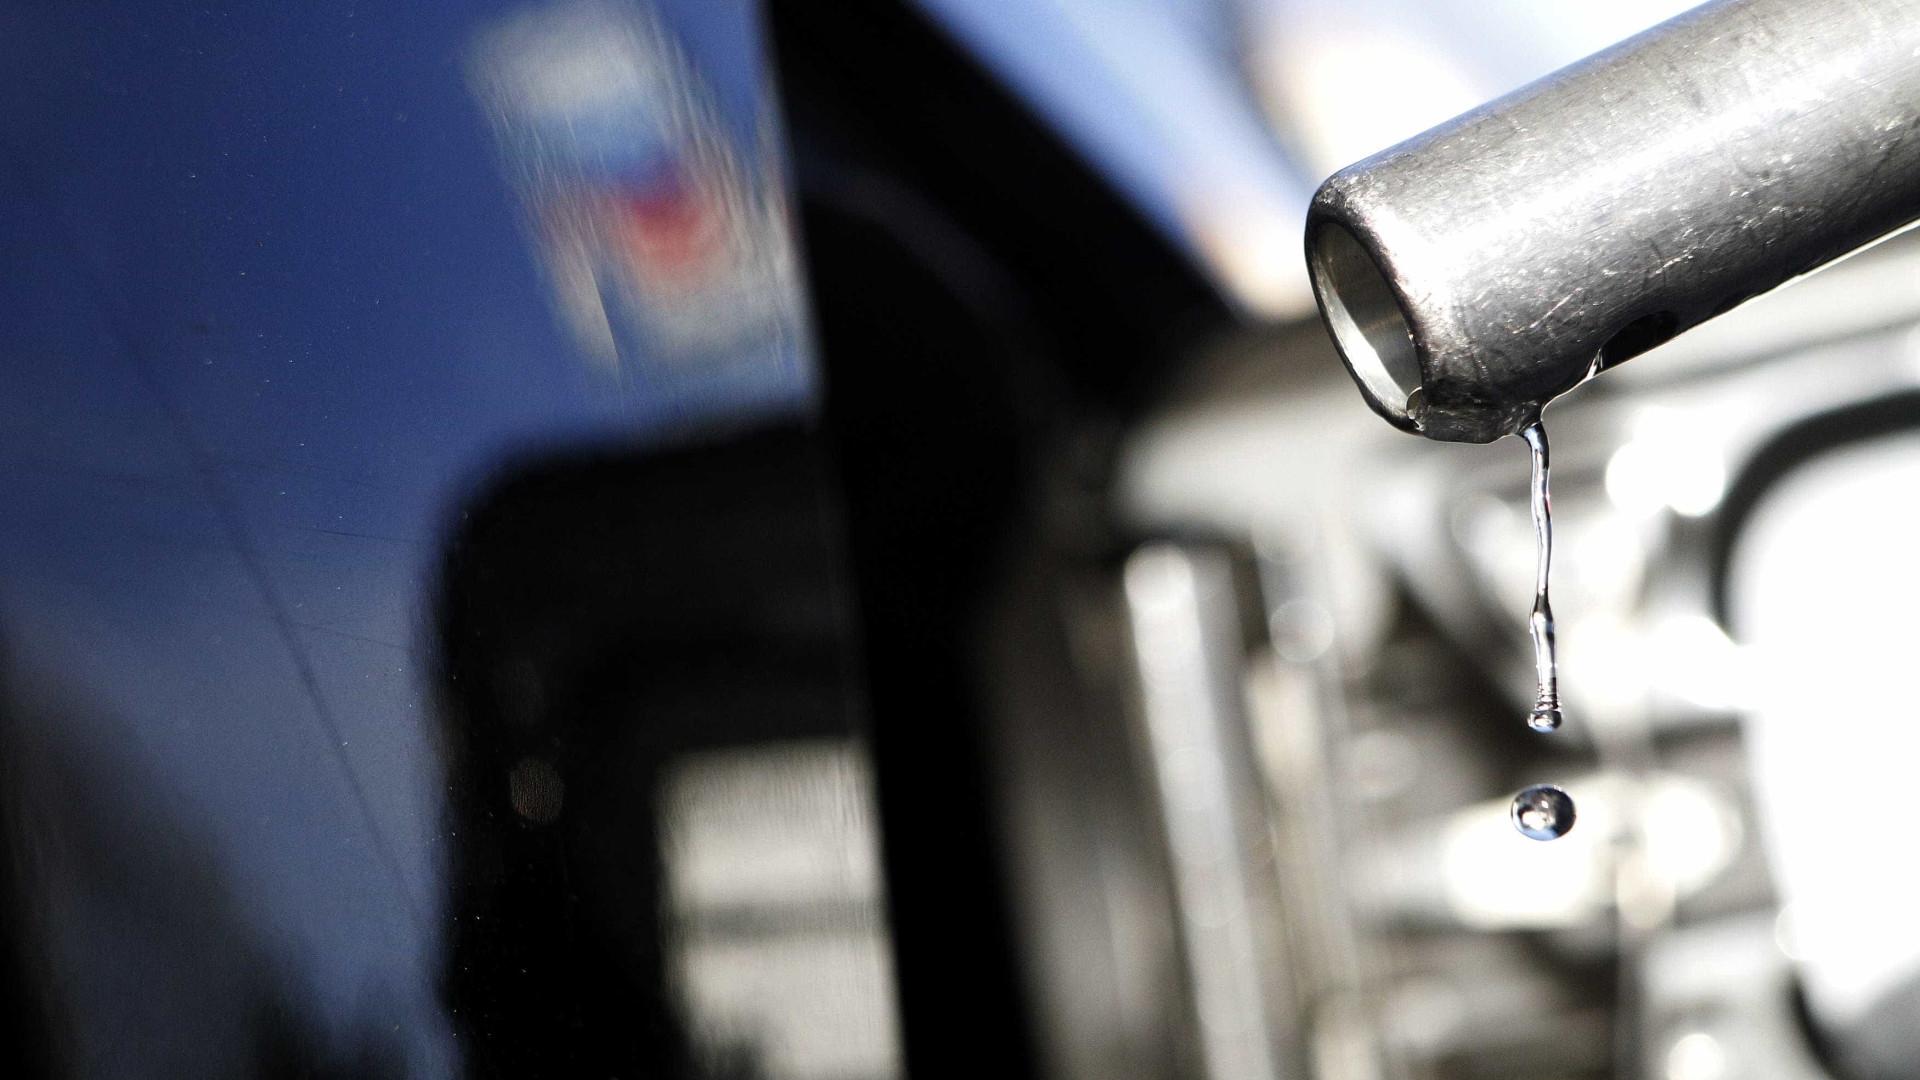 Dirigentes procuram garantir gasolina no Sudeste dos EUA